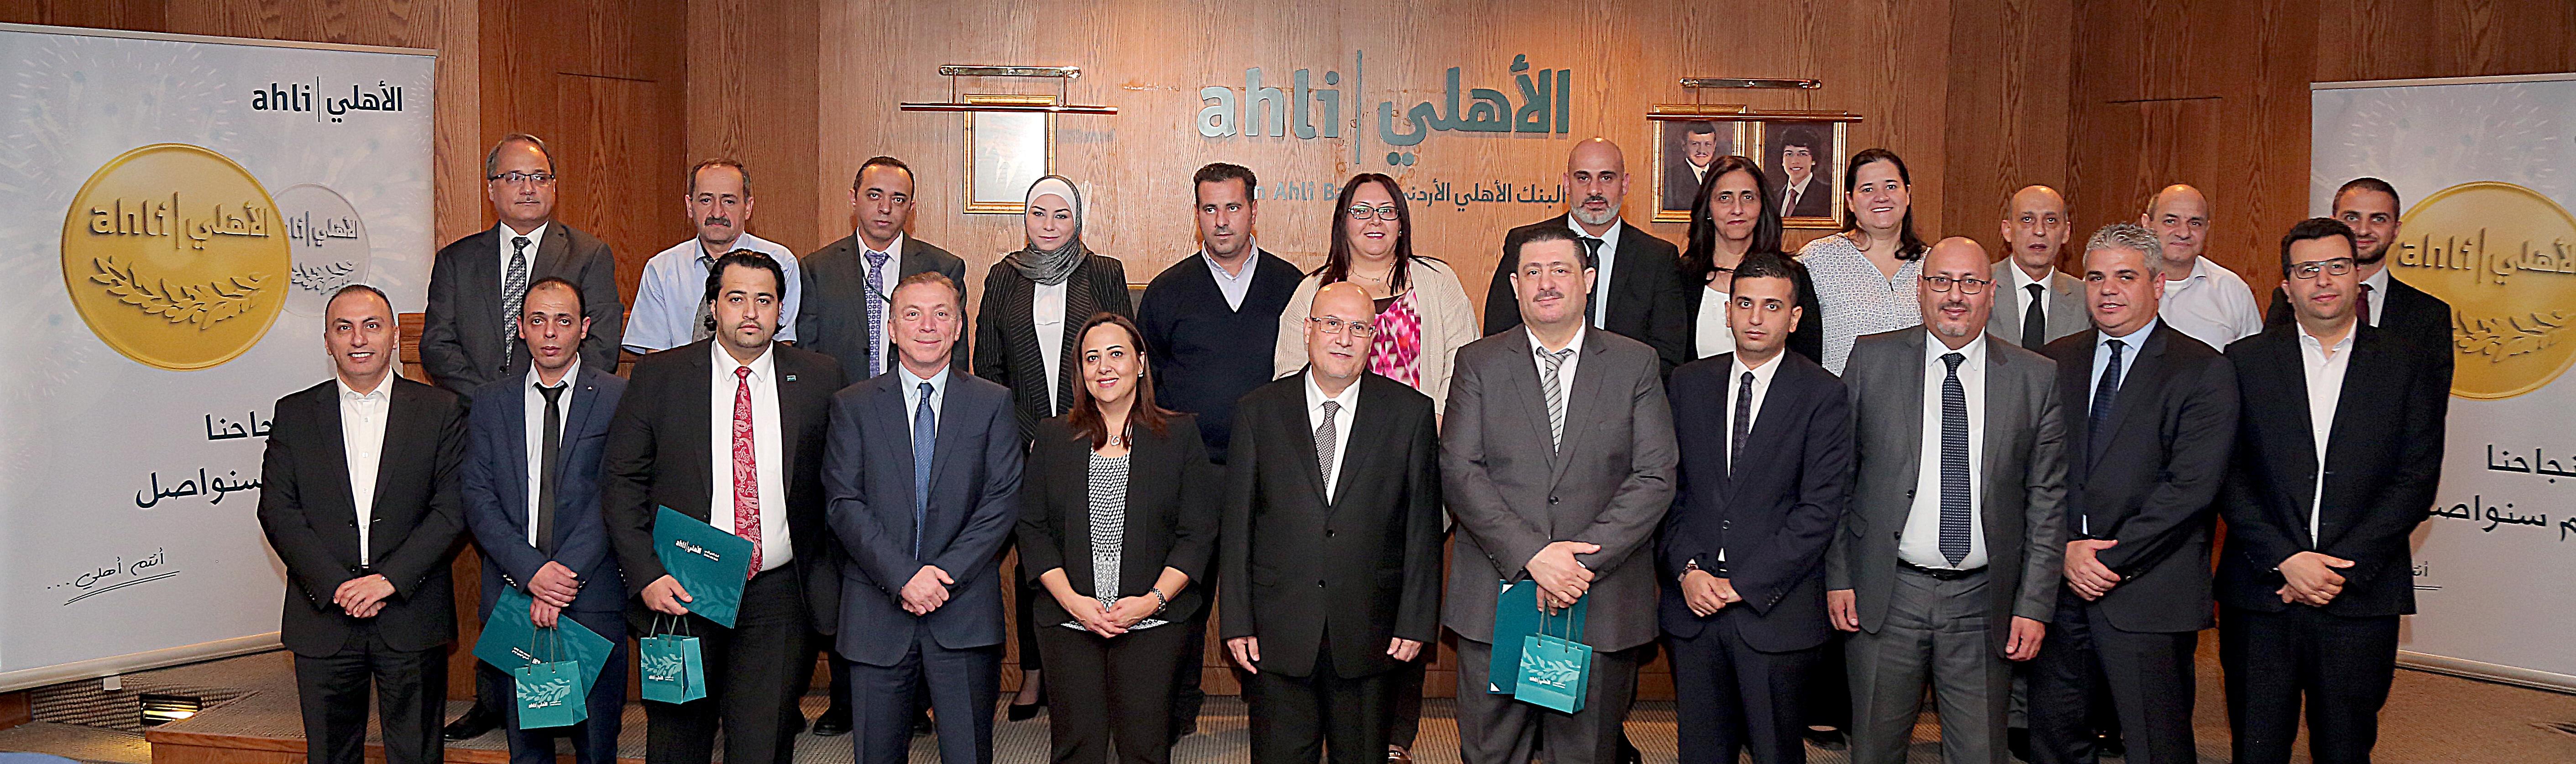 البنك الأهلي الأردني يكرم عدداً من موظفيه المميزين والقدامى